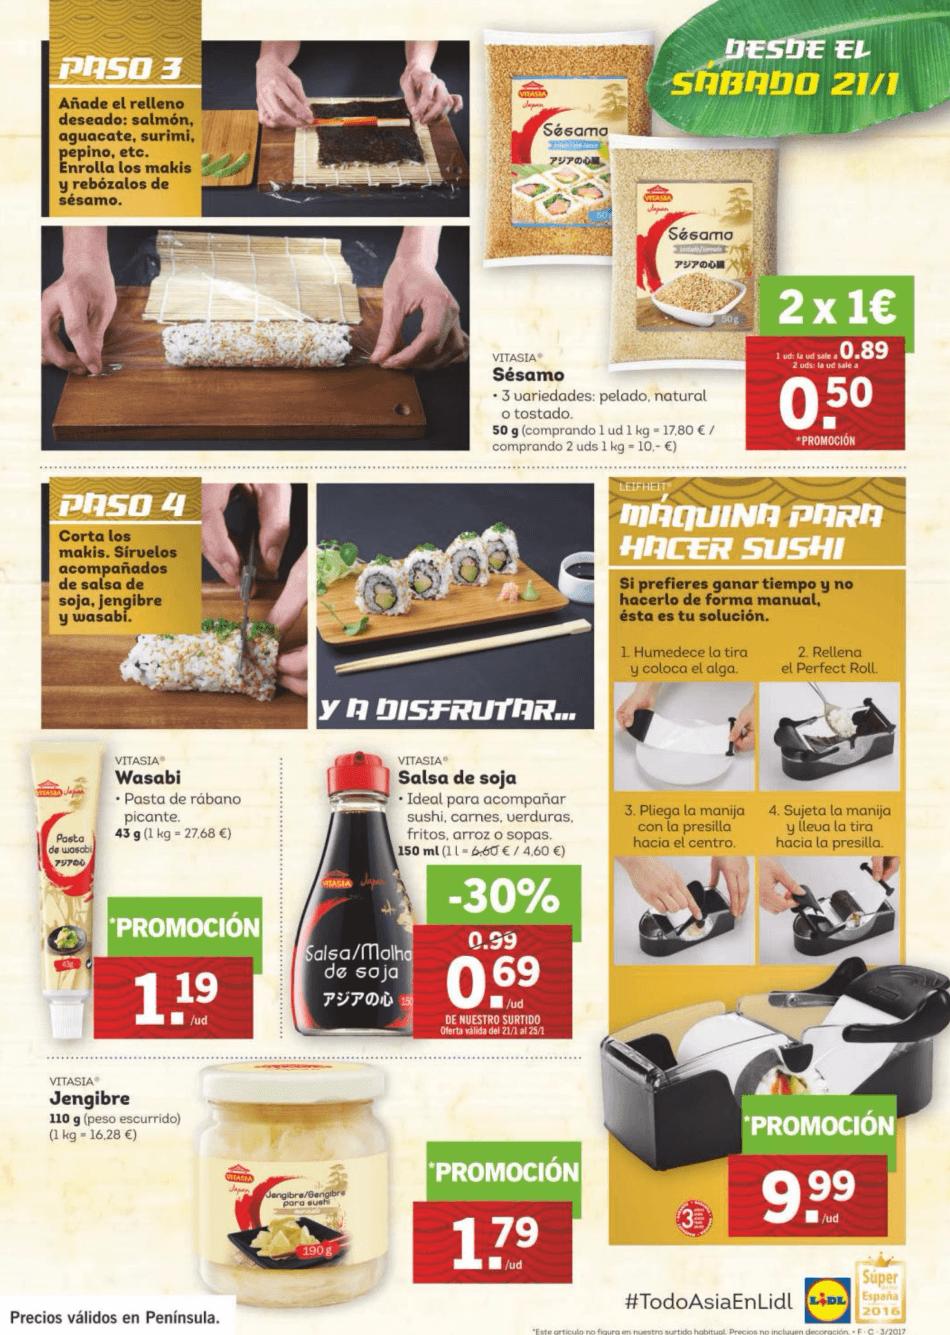 Ofertas Supermercados | Catálogos online con ofertas de